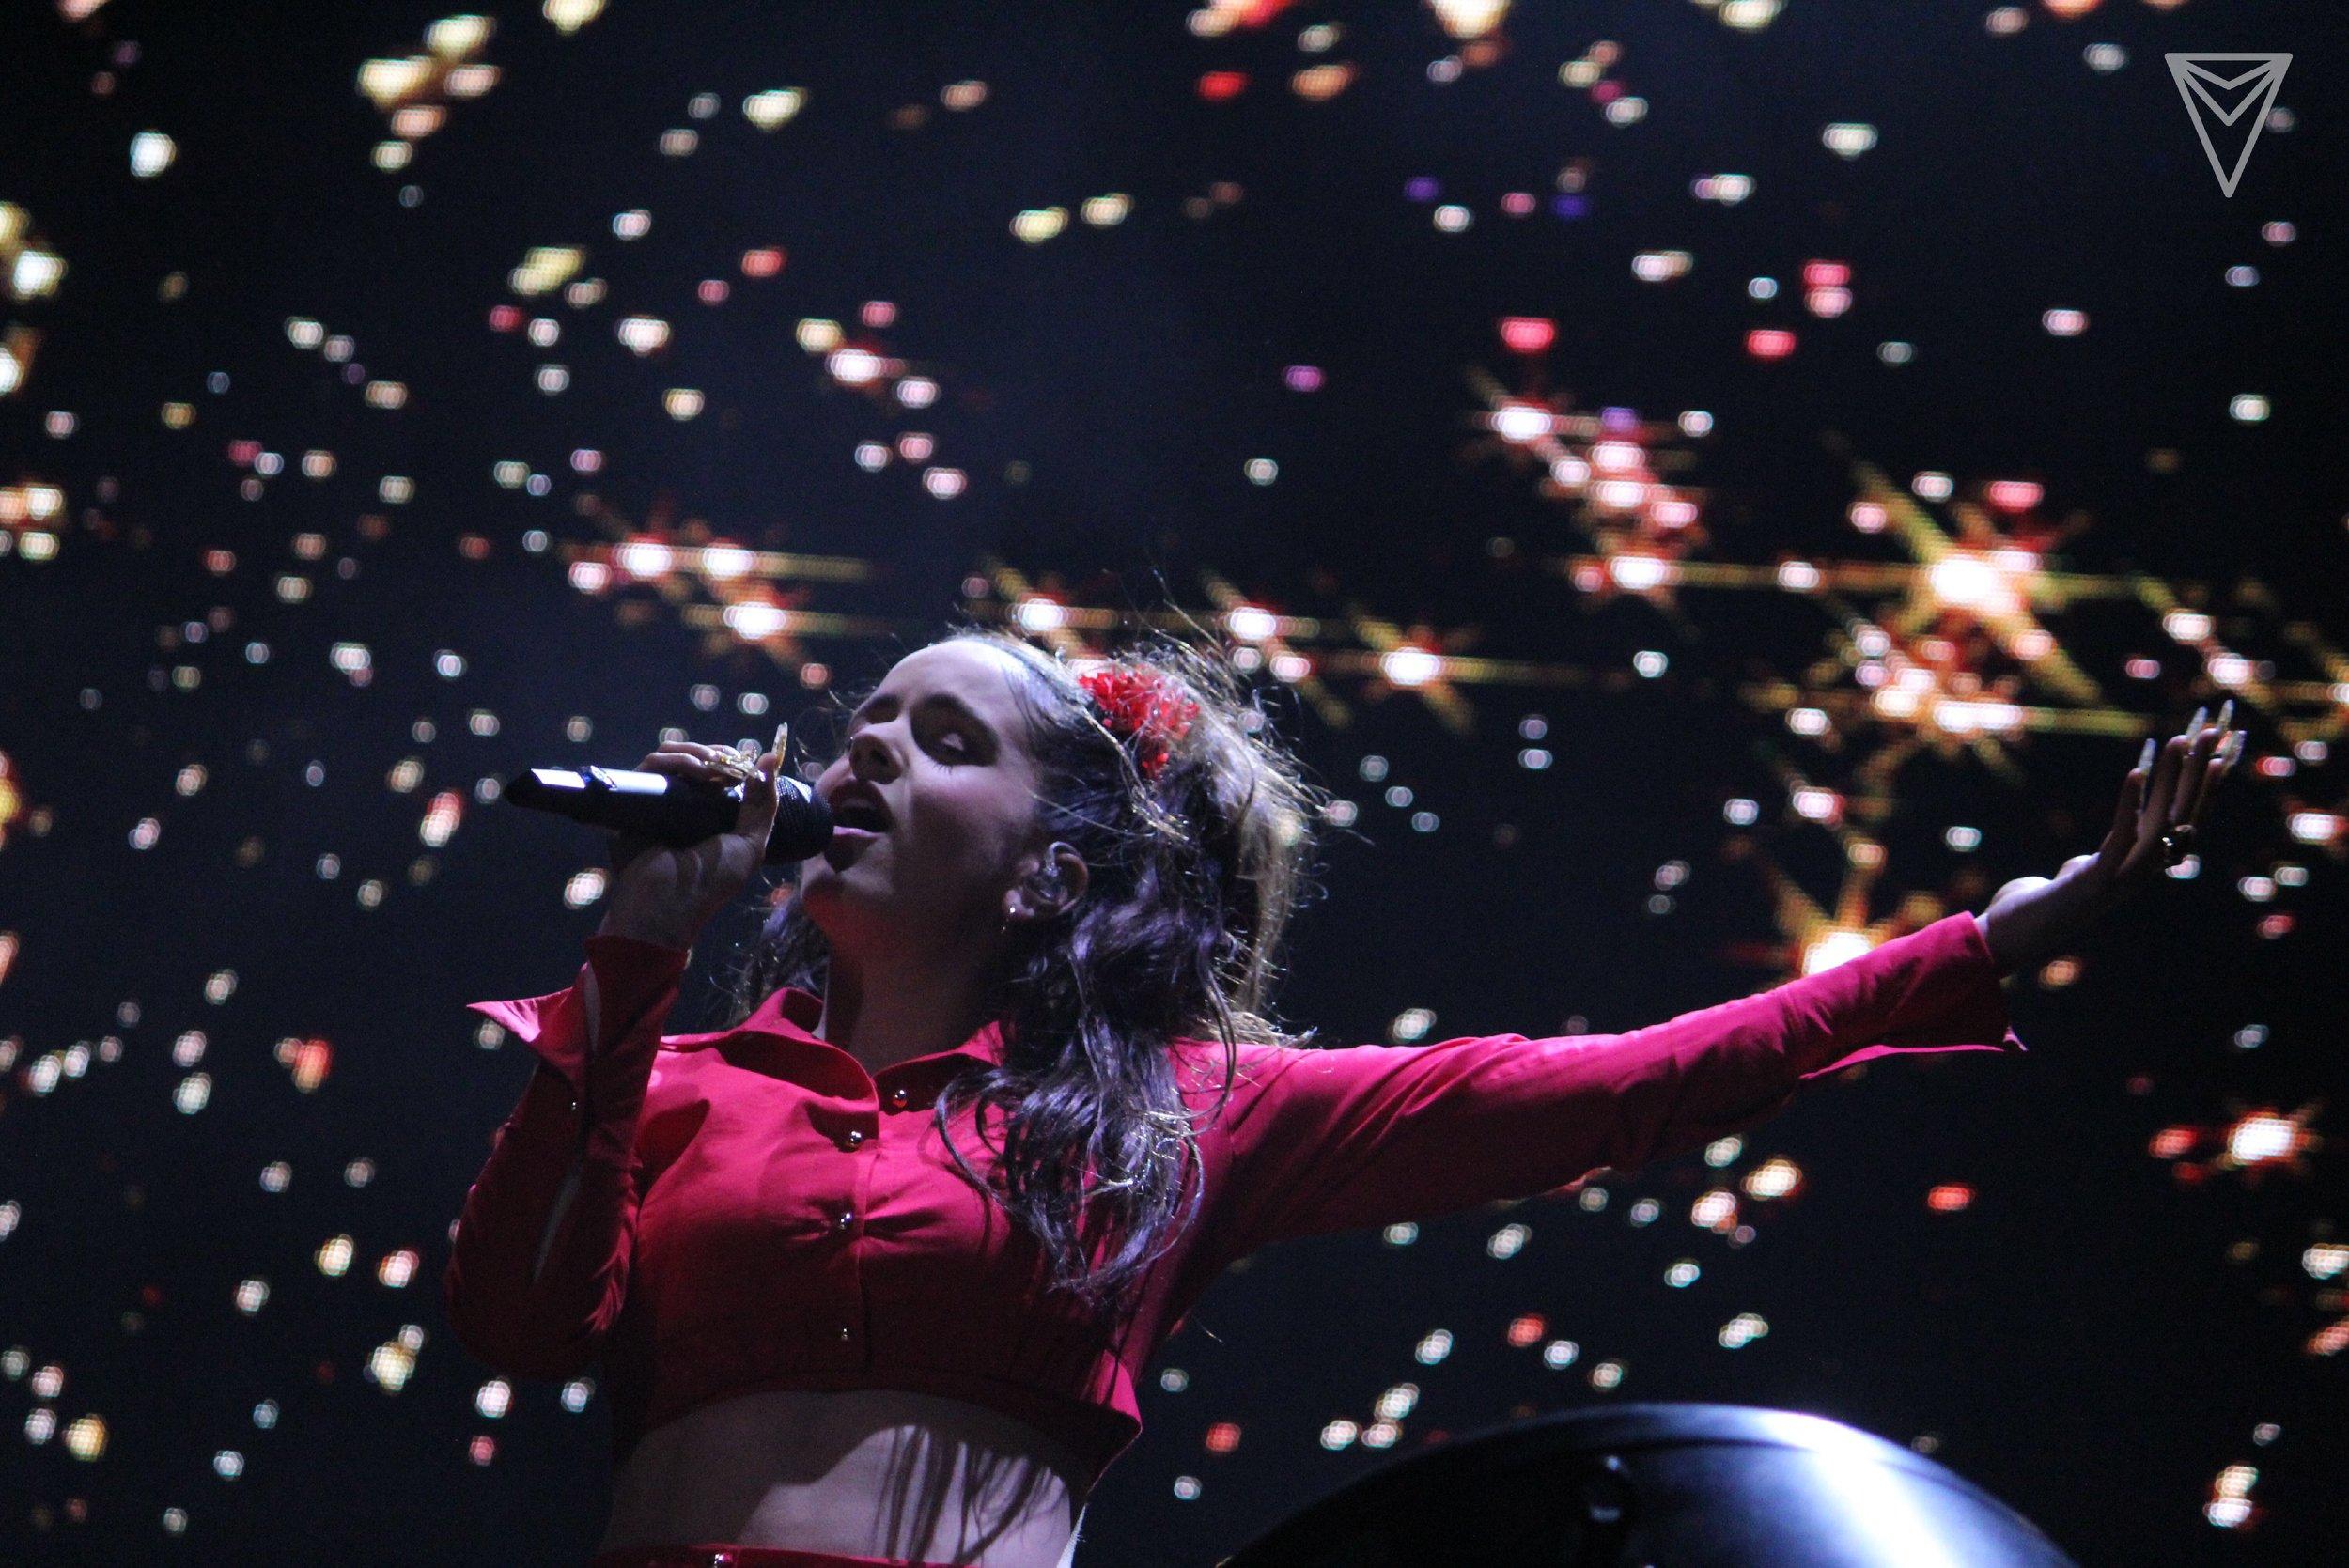 CEREMONIA: Un festival que celebra la música, diversidad y protesta social - *